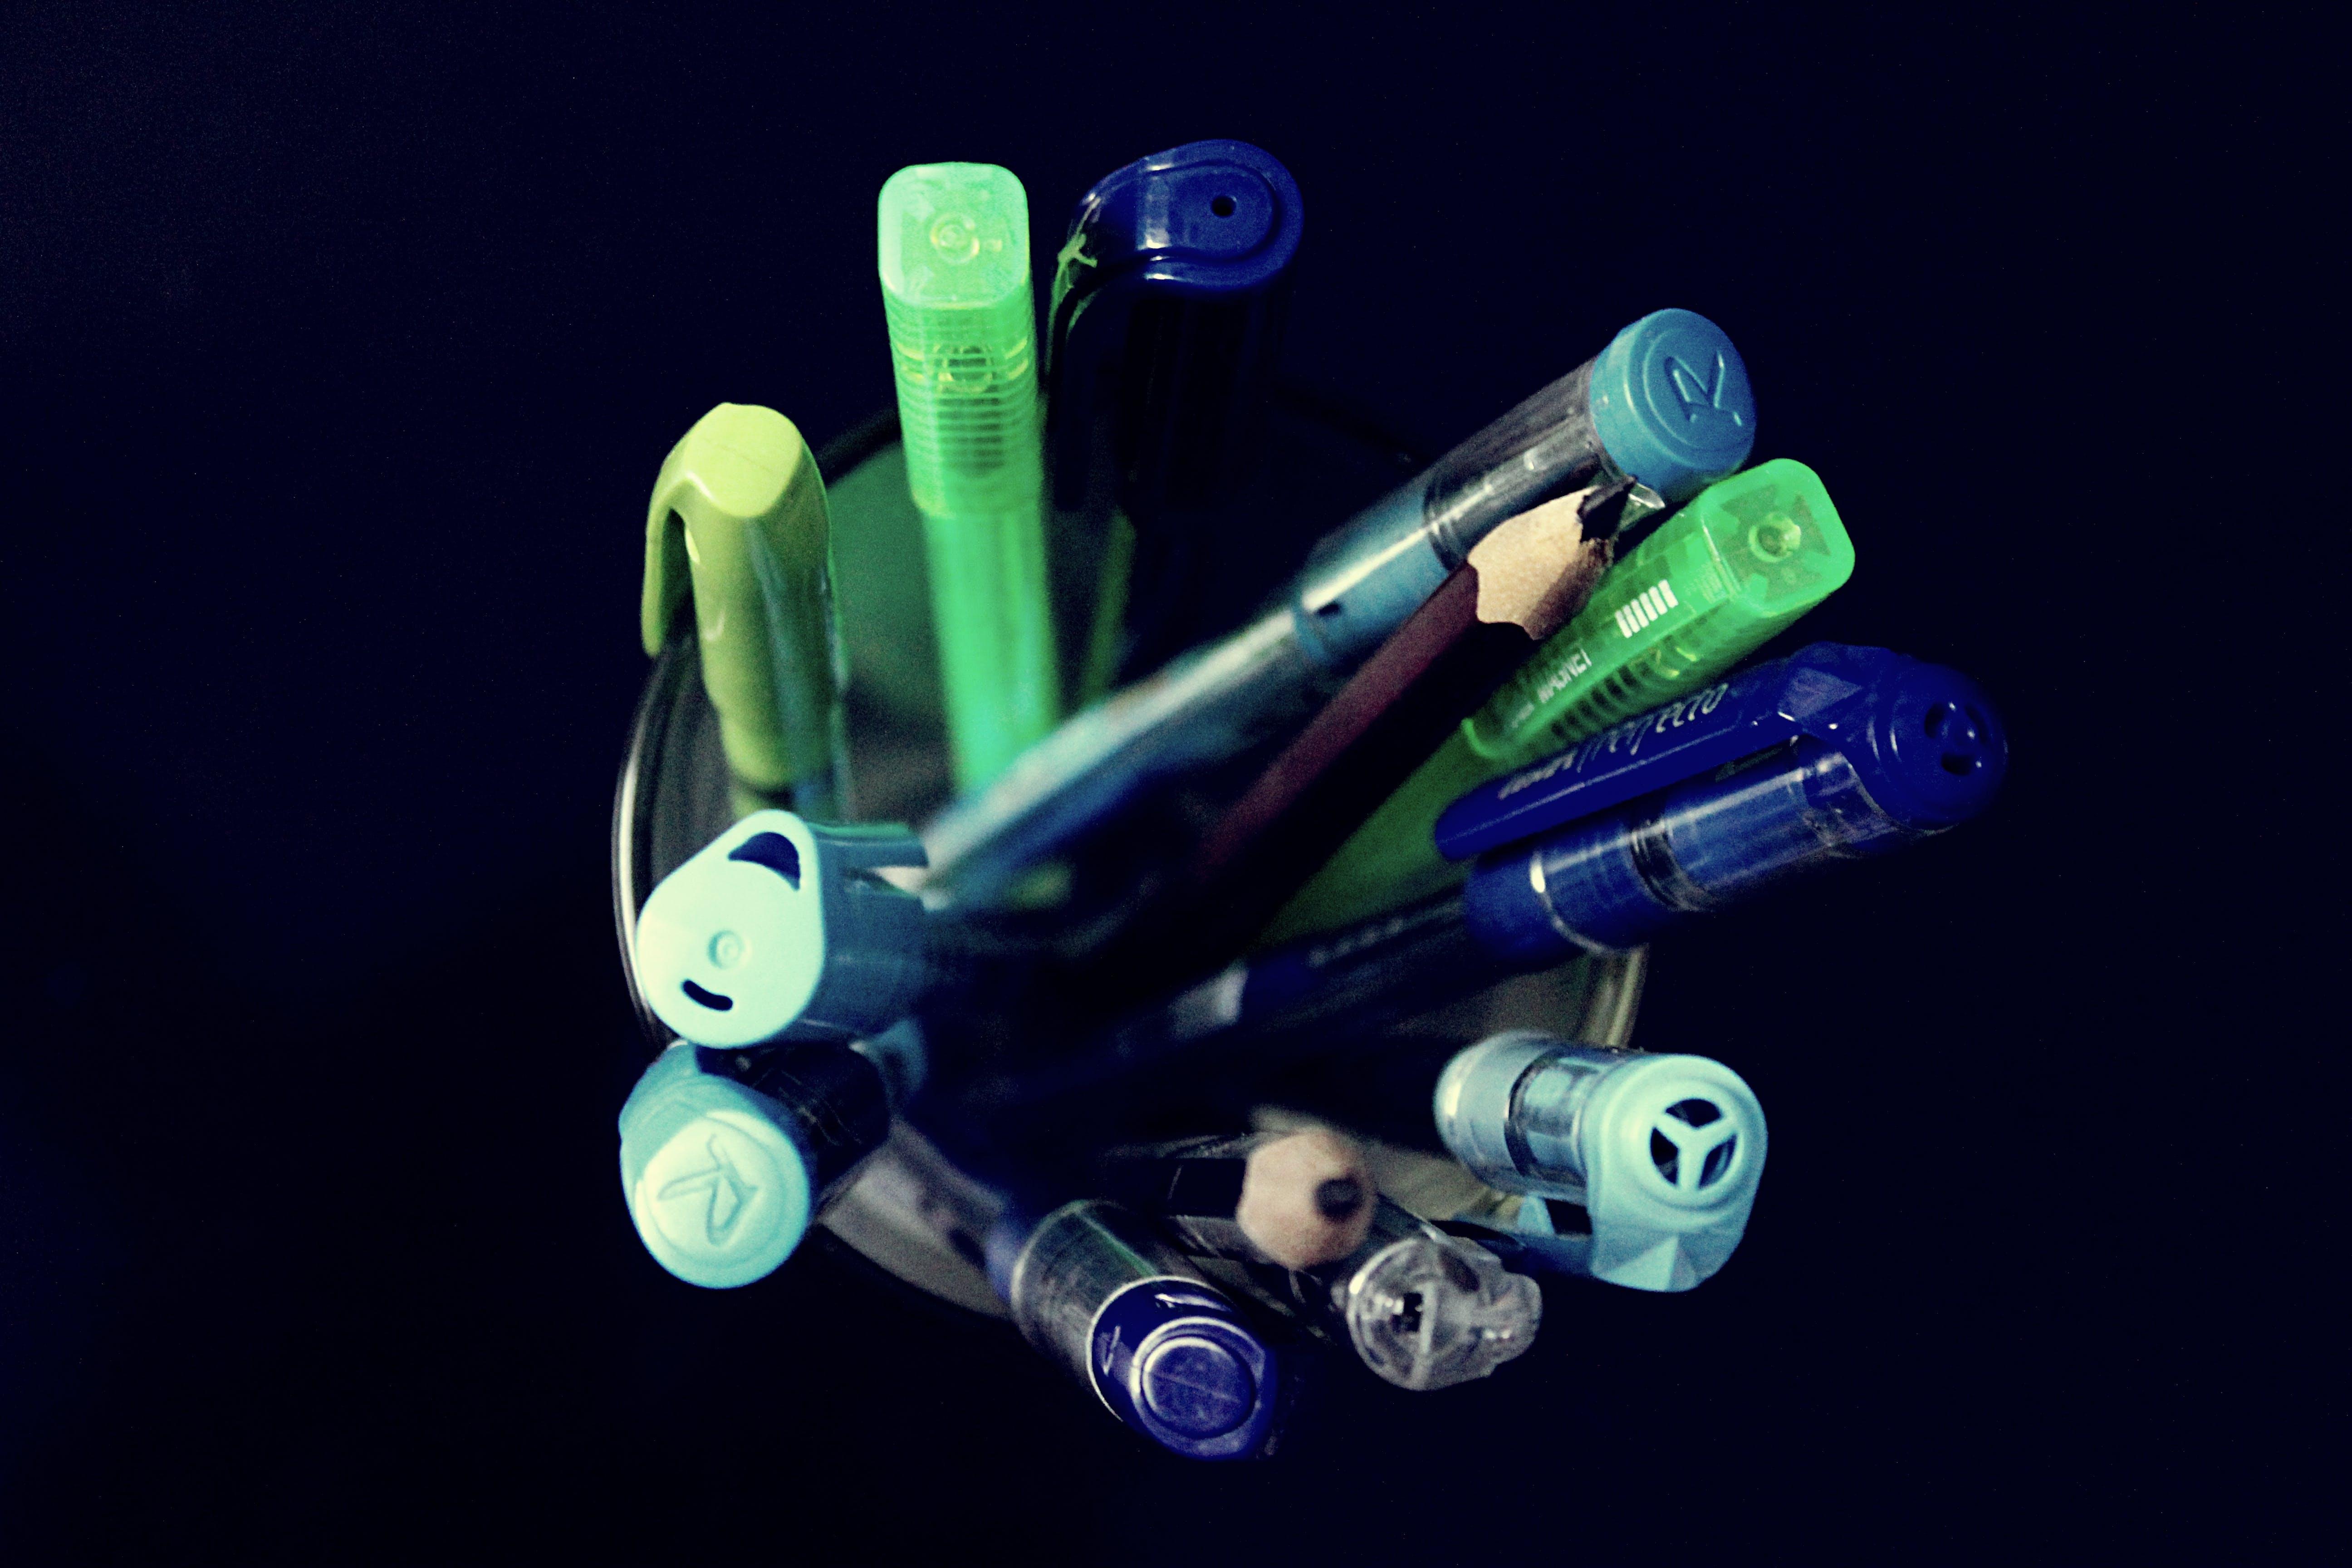 Gratis lagerfoto af kuglepen, pen